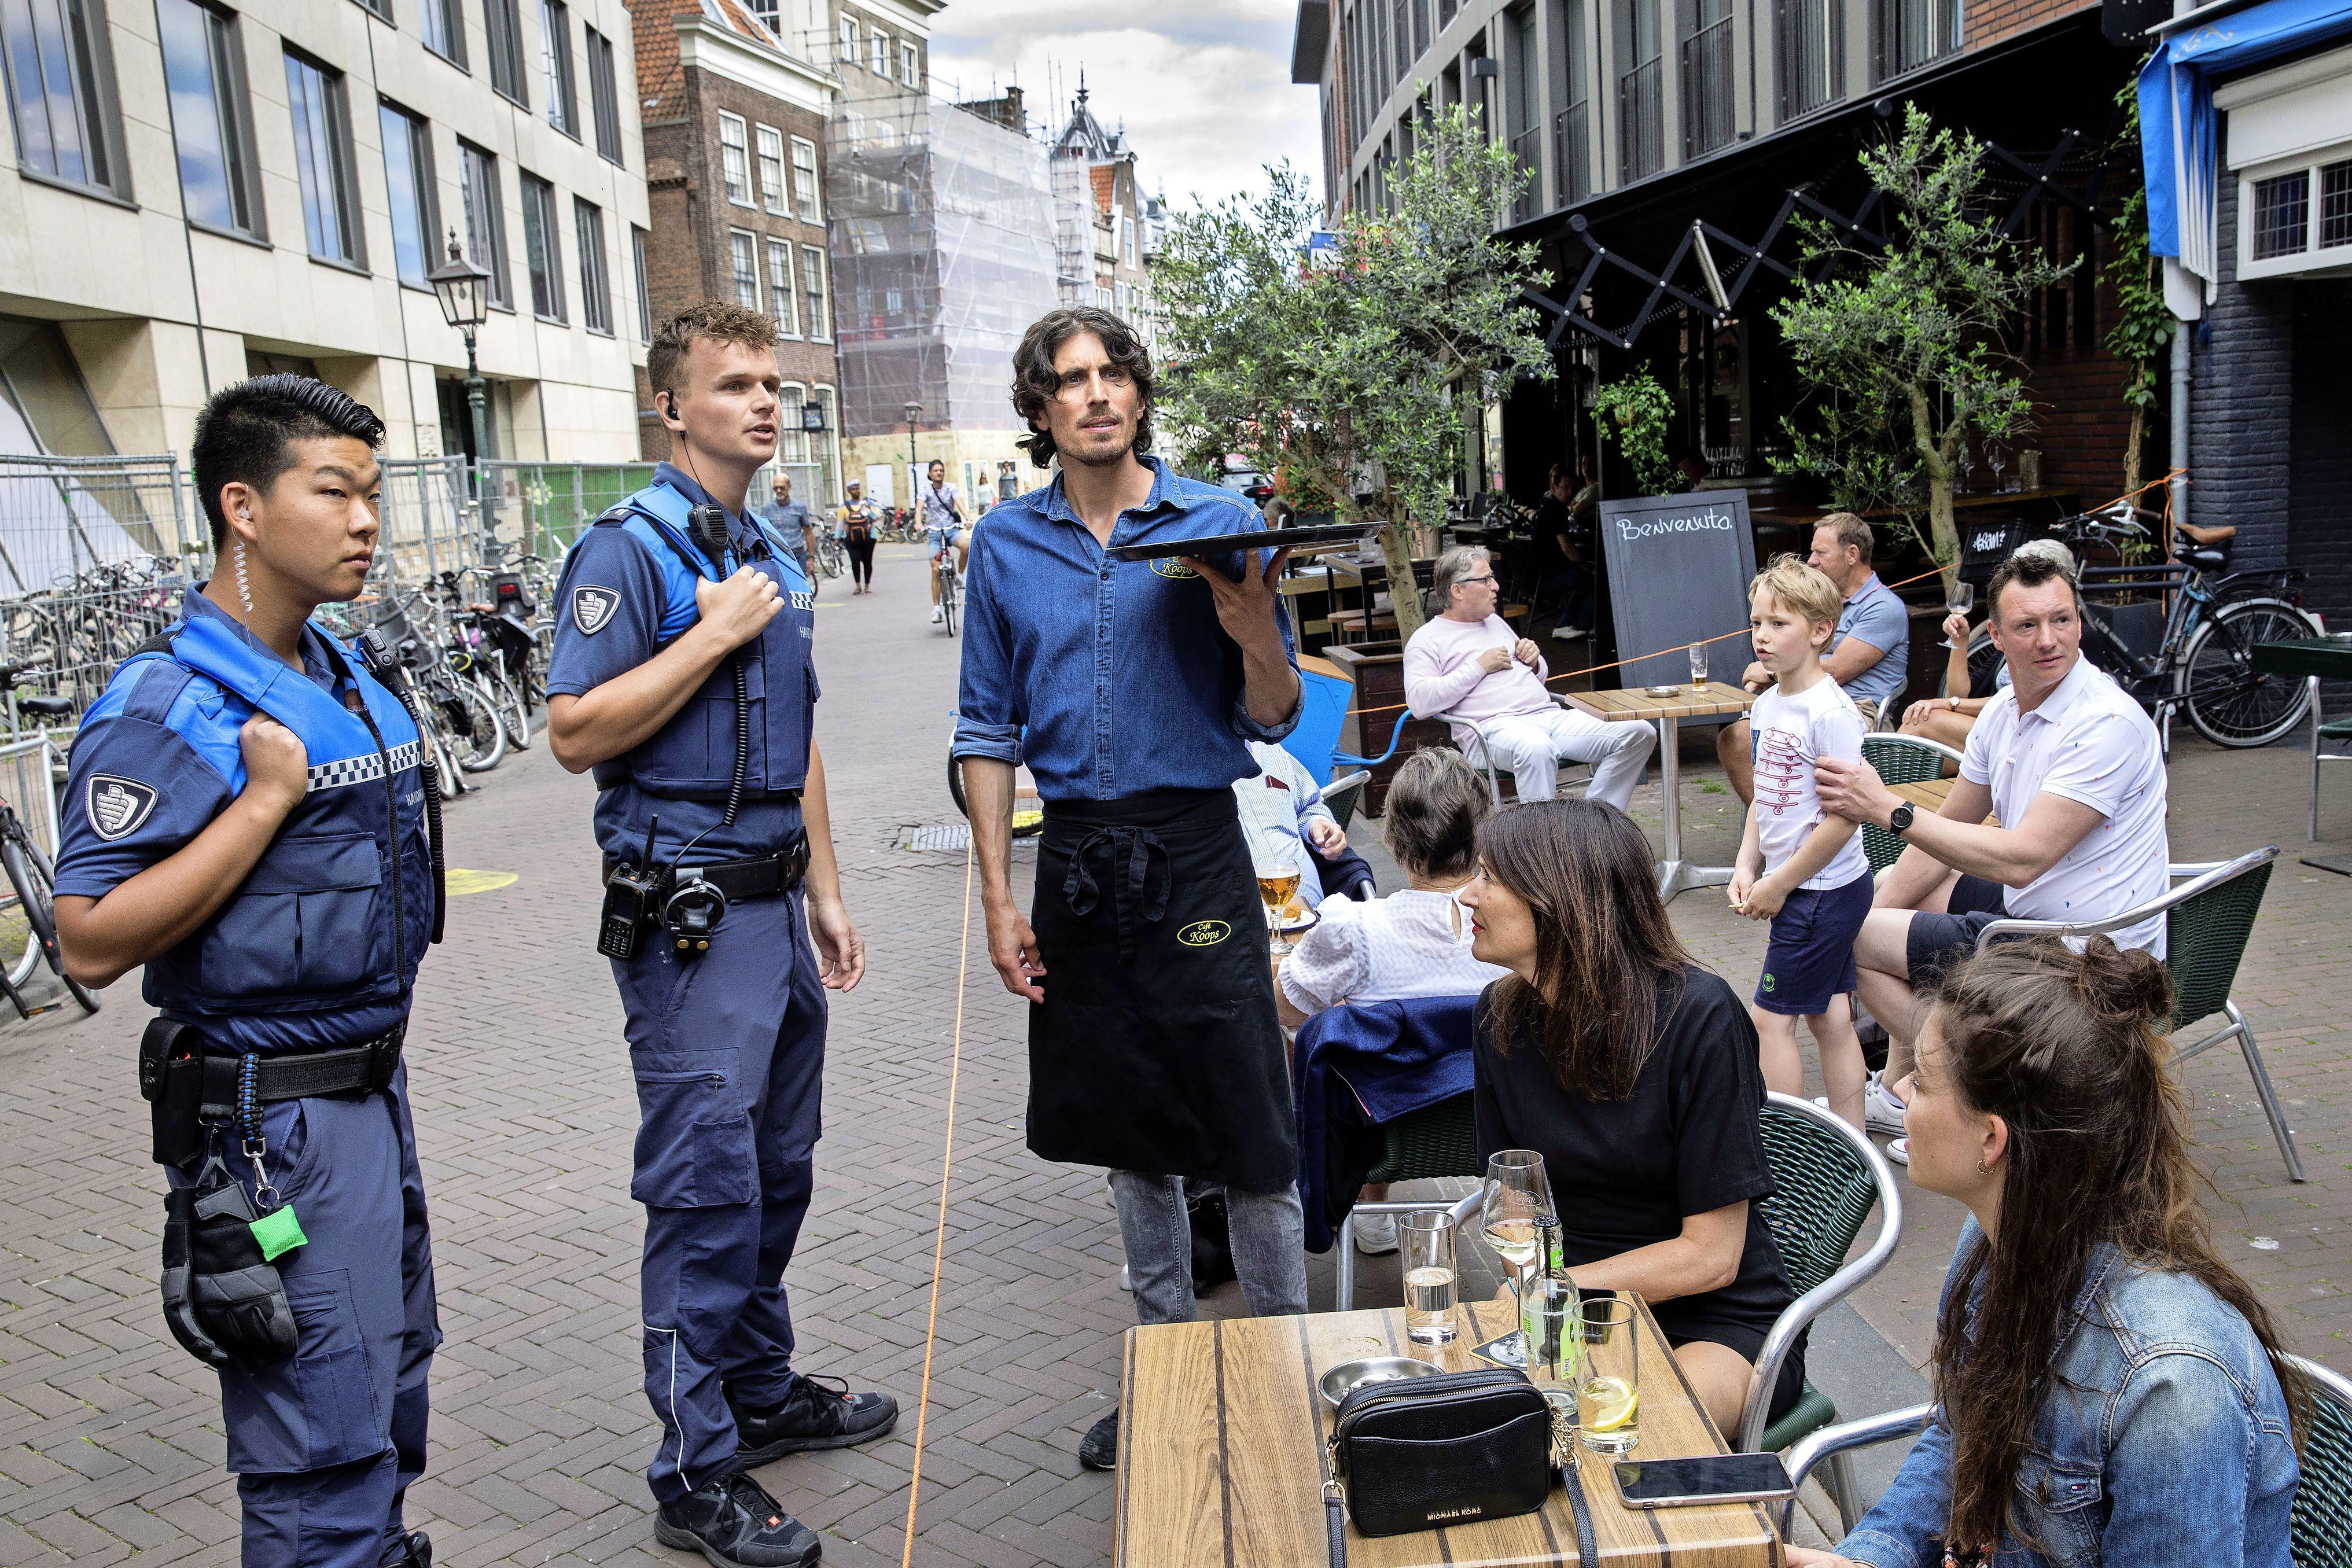 'Stoel voor 5 euro per stuk inclusief 2 biertjes'; Terrasfoto met broodje-aapverhaal over café Koops zorgt wereldwijd voor commotie